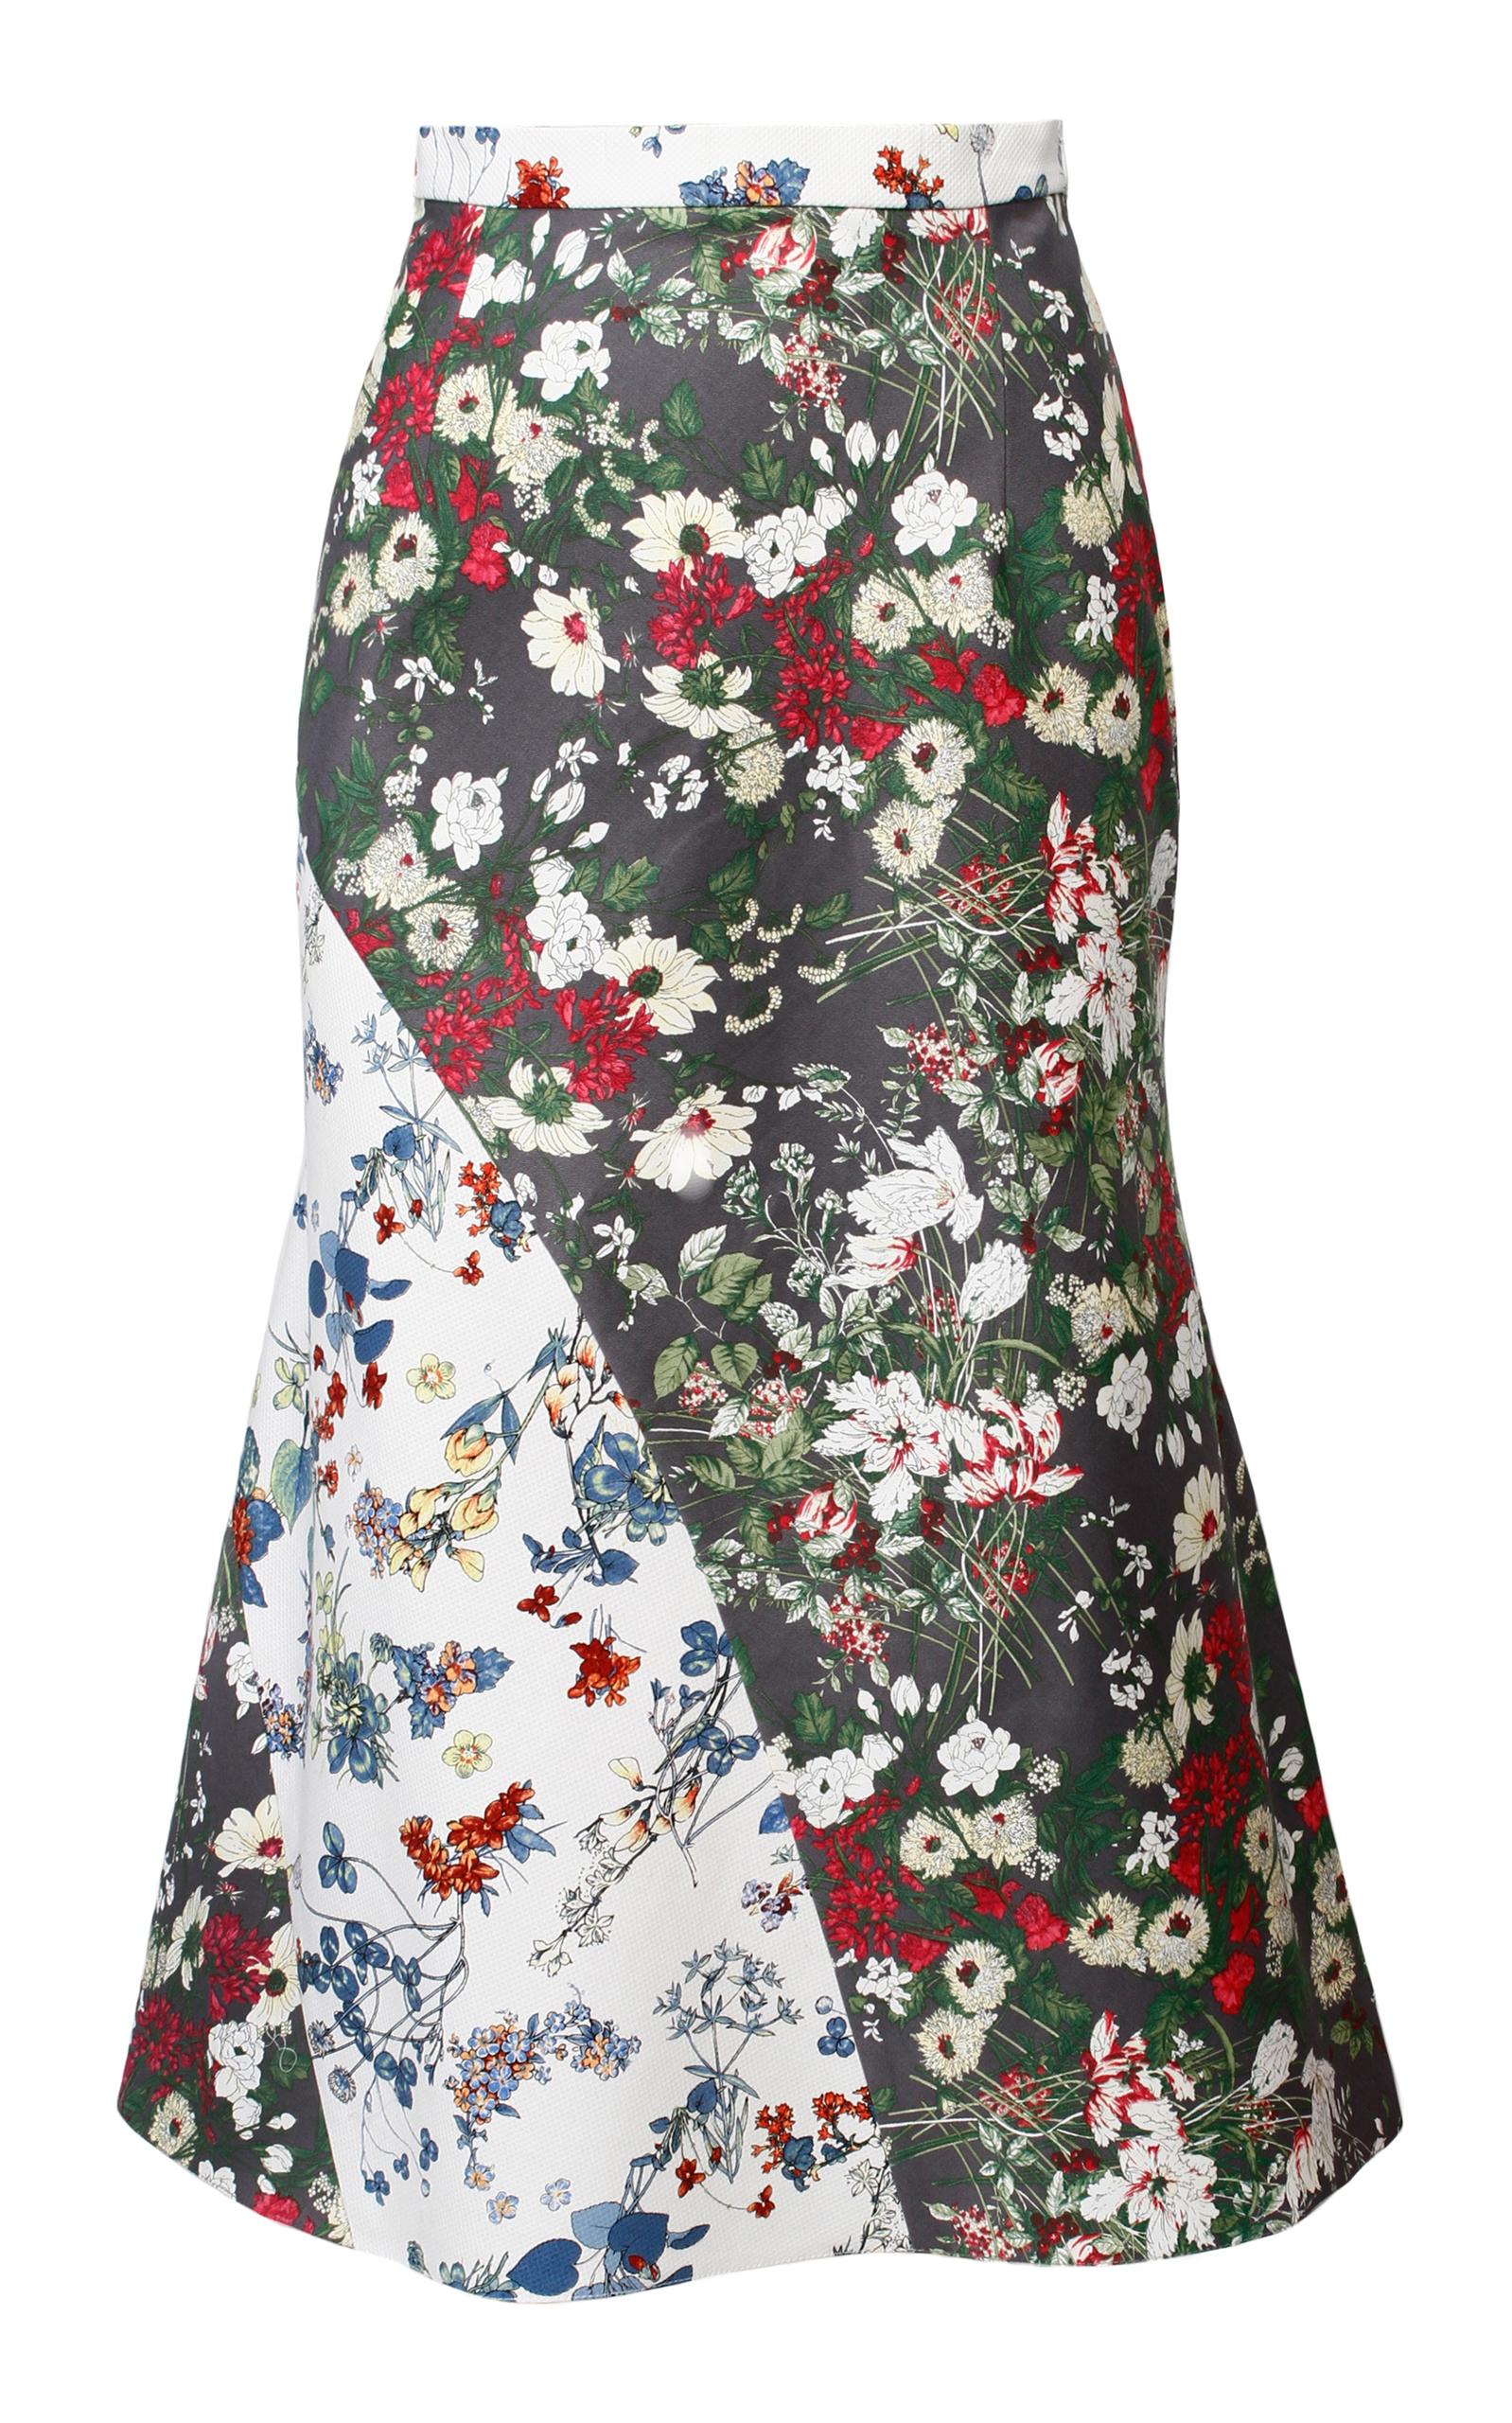 ANOUKI Multicolor Flower Print Godet Skirt in Floral